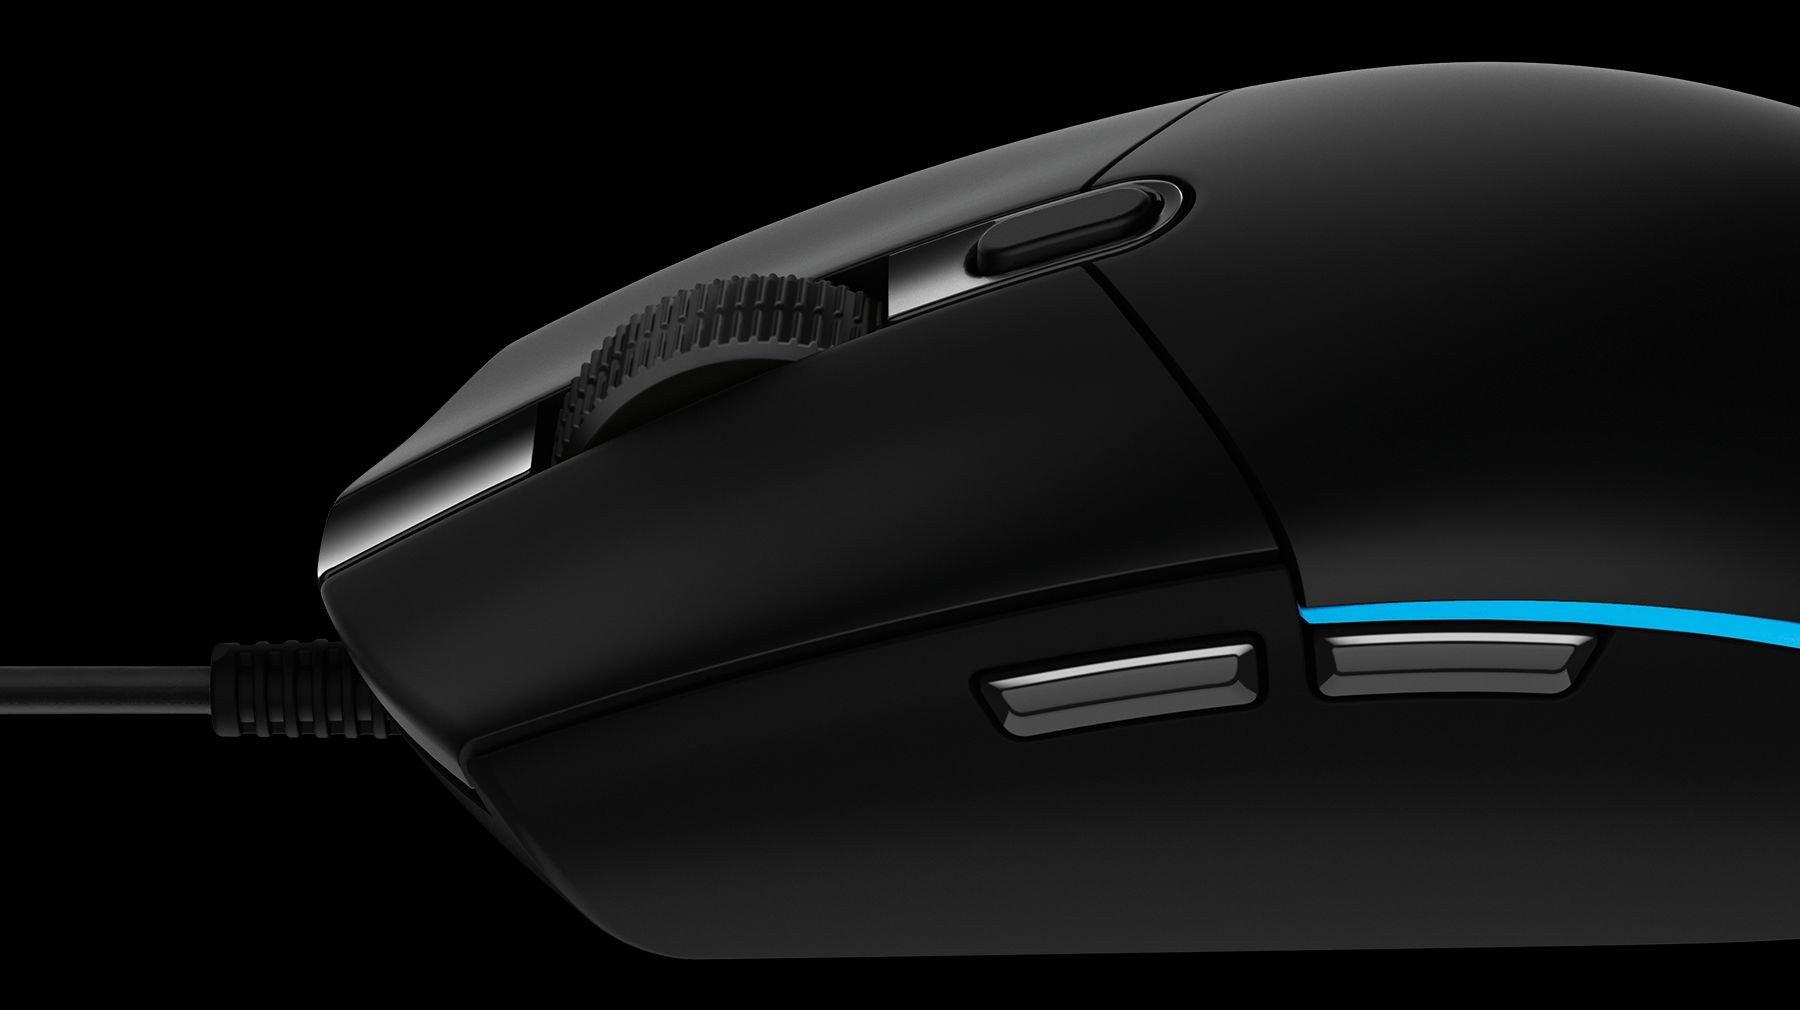 Mouse LOGITECH G102 Gen II Lightsync RGB Gaming Đen Chính hãng